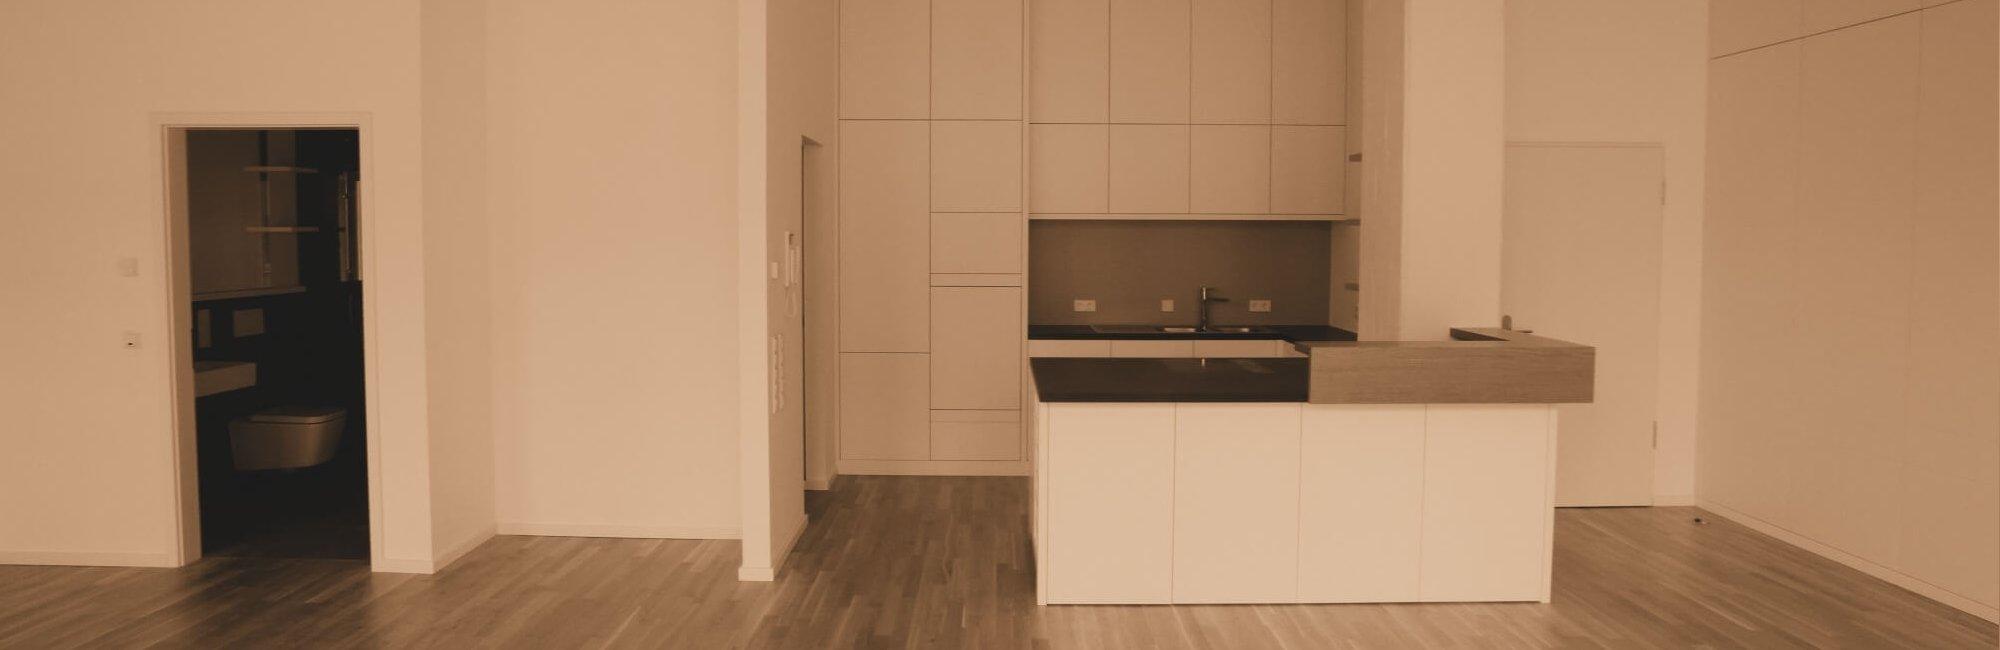 schreinerei lambertz in trier und umgebung ihr schreiner. Black Bedroom Furniture Sets. Home Design Ideas